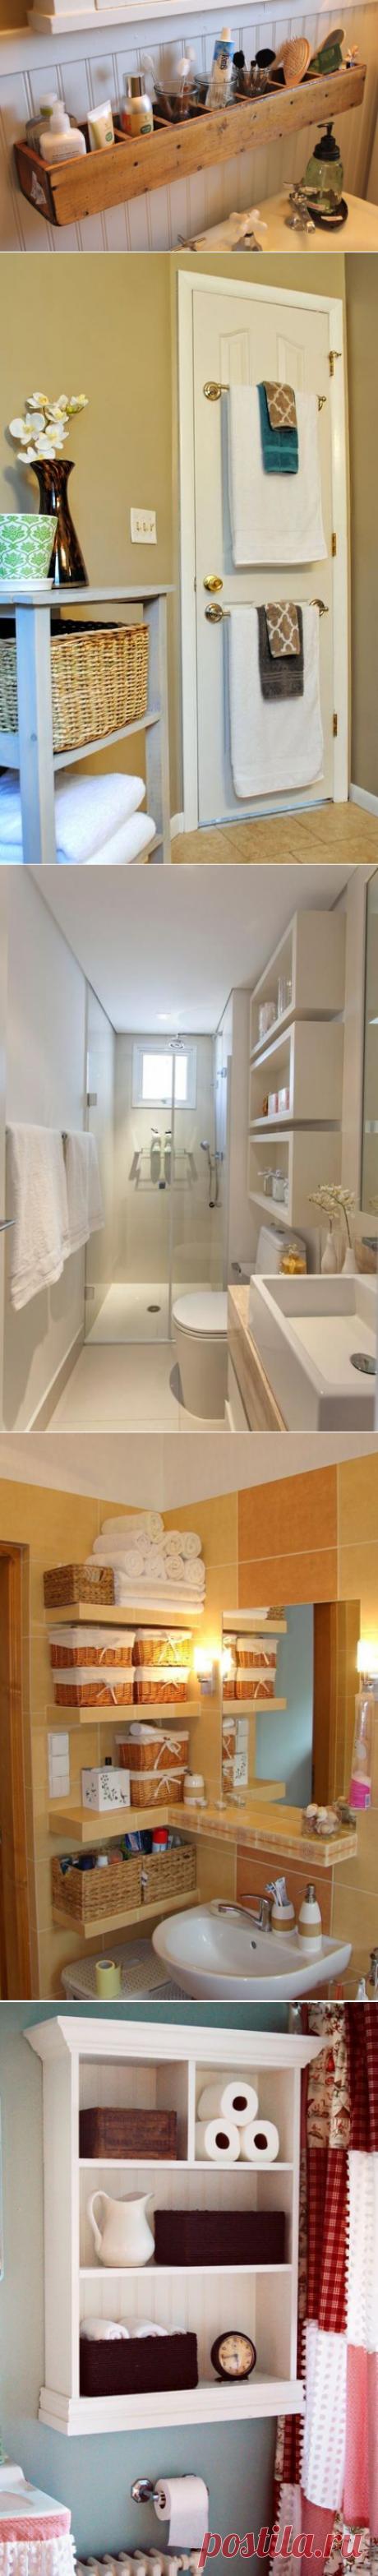 El almacenaje en de baño: 23 ideas abruptas para cualquier espacio